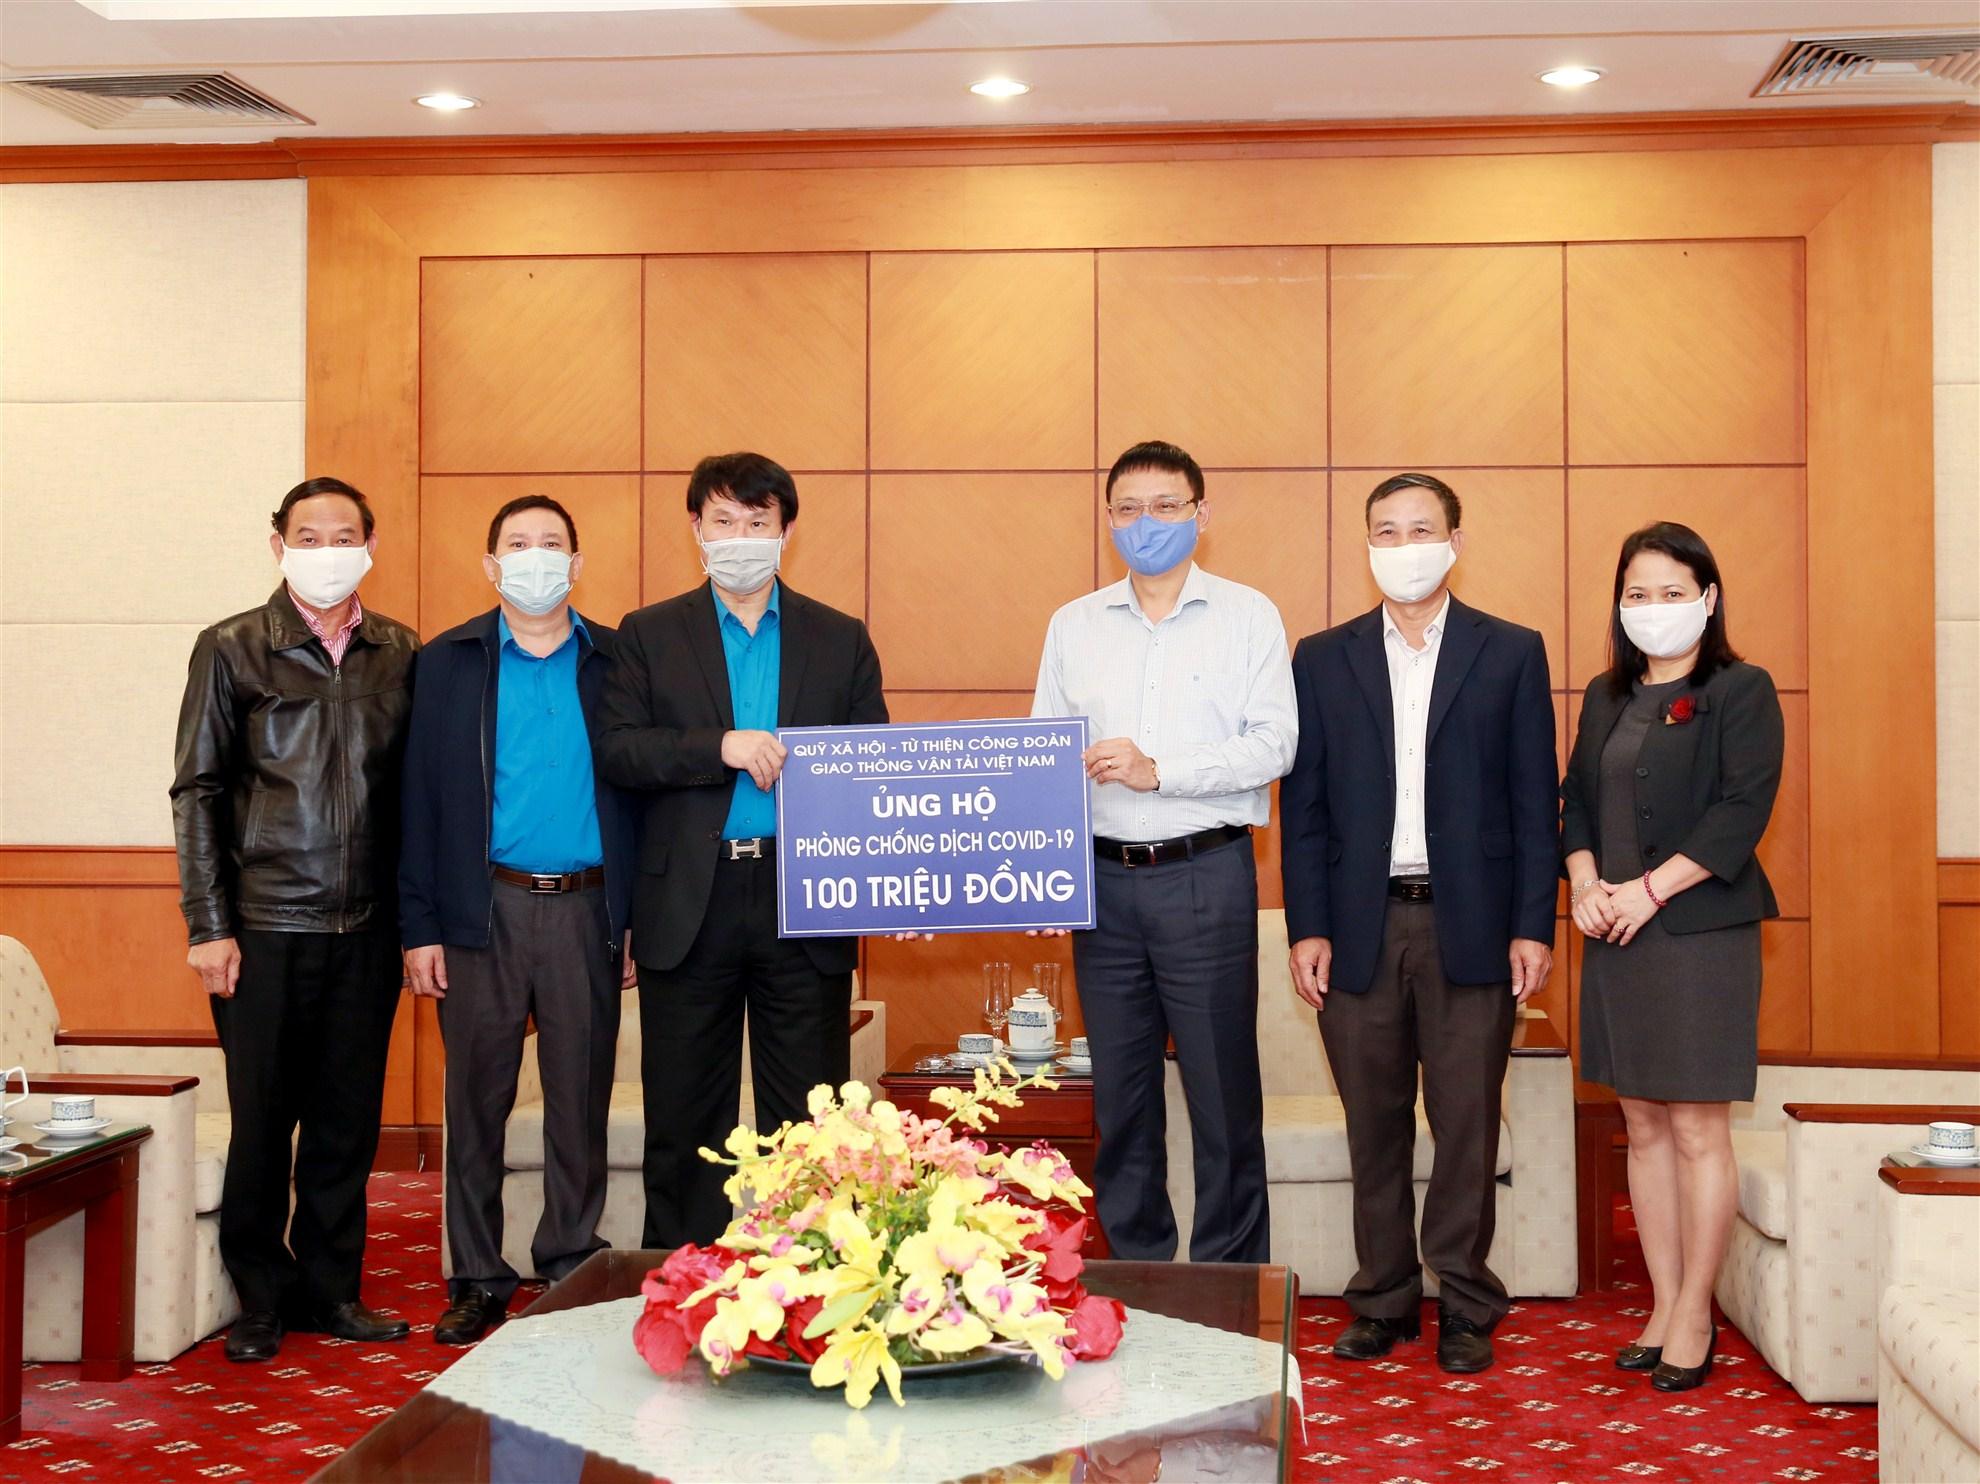 Công đoàn GTVT Việt Nam trao hỗ trợ công tác phòng chống dịch Covid-19